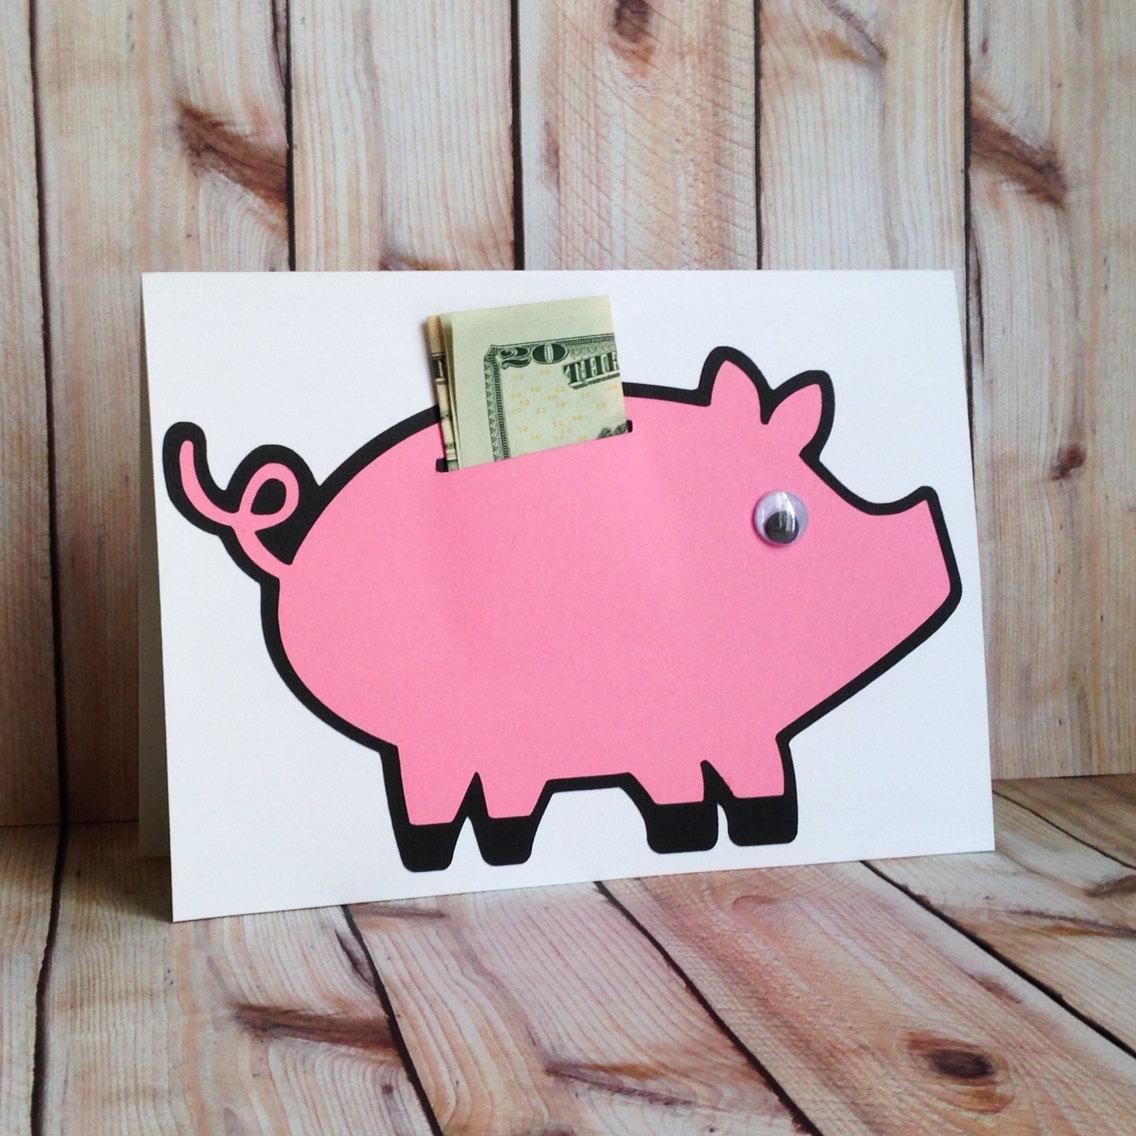 Креативная открытка для денег